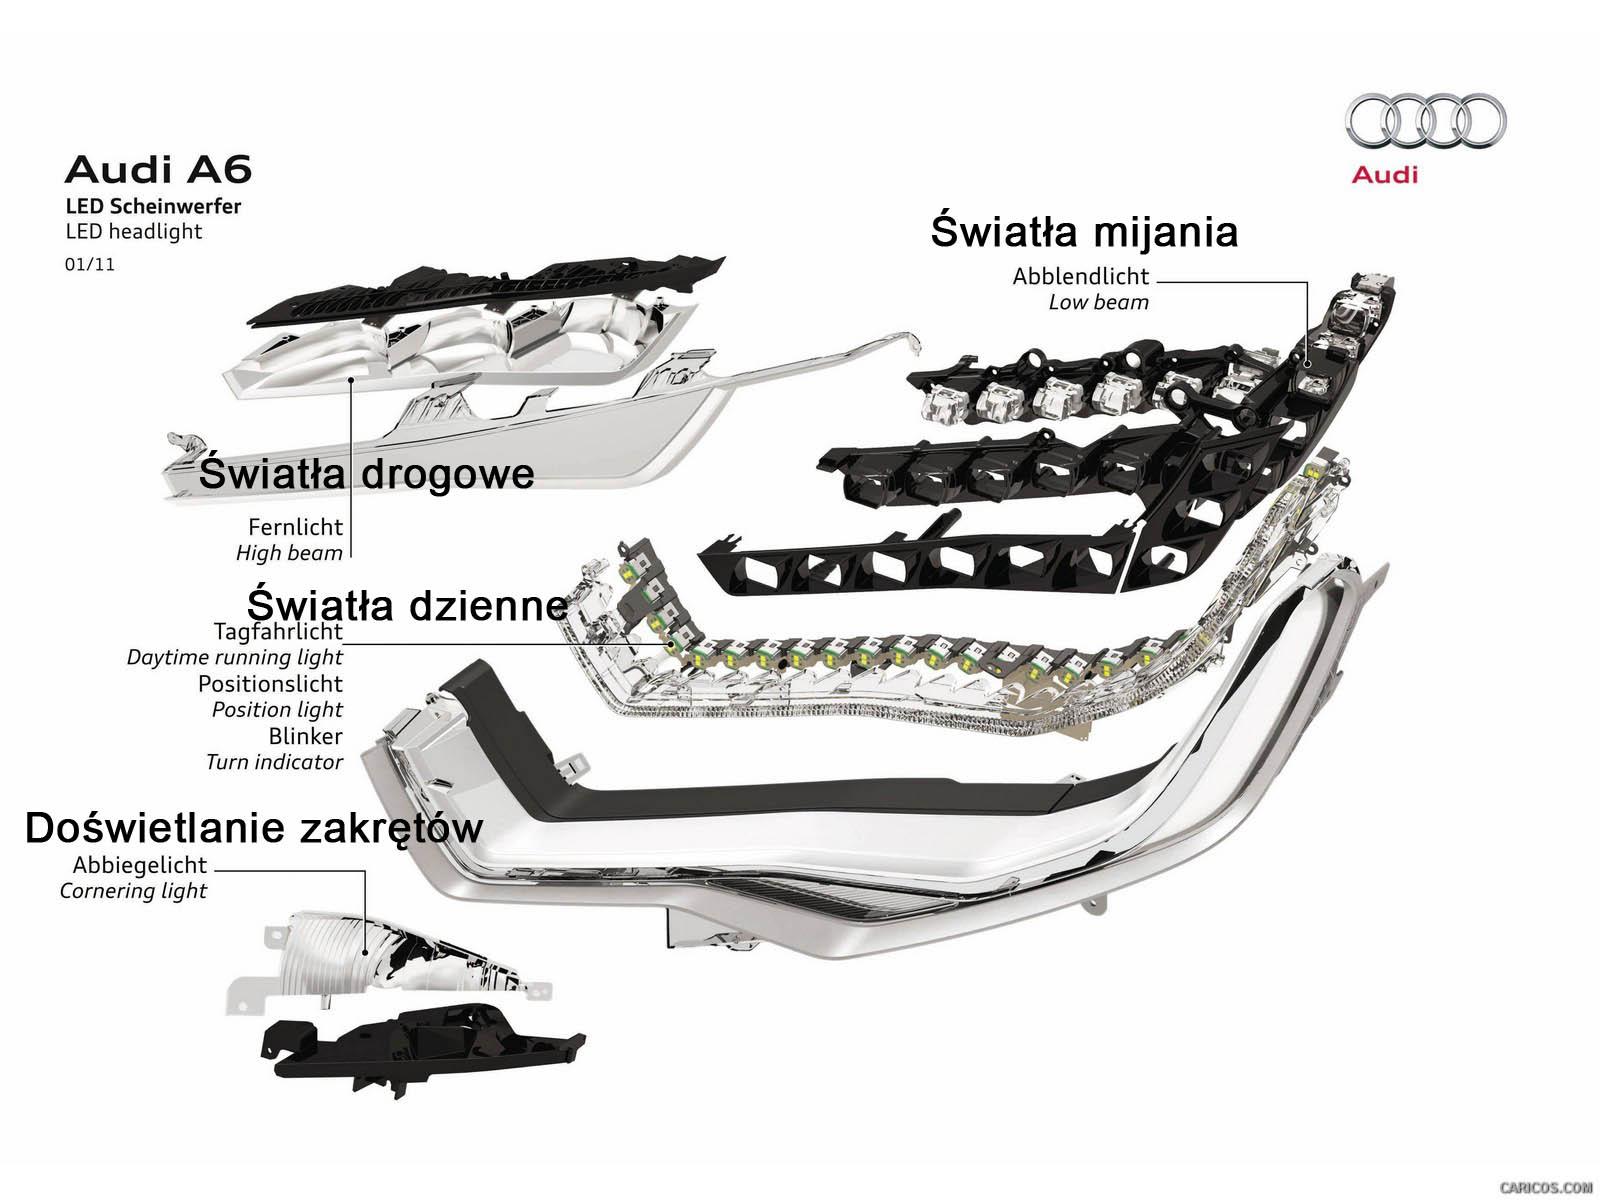 Audi A8 Led Headlights